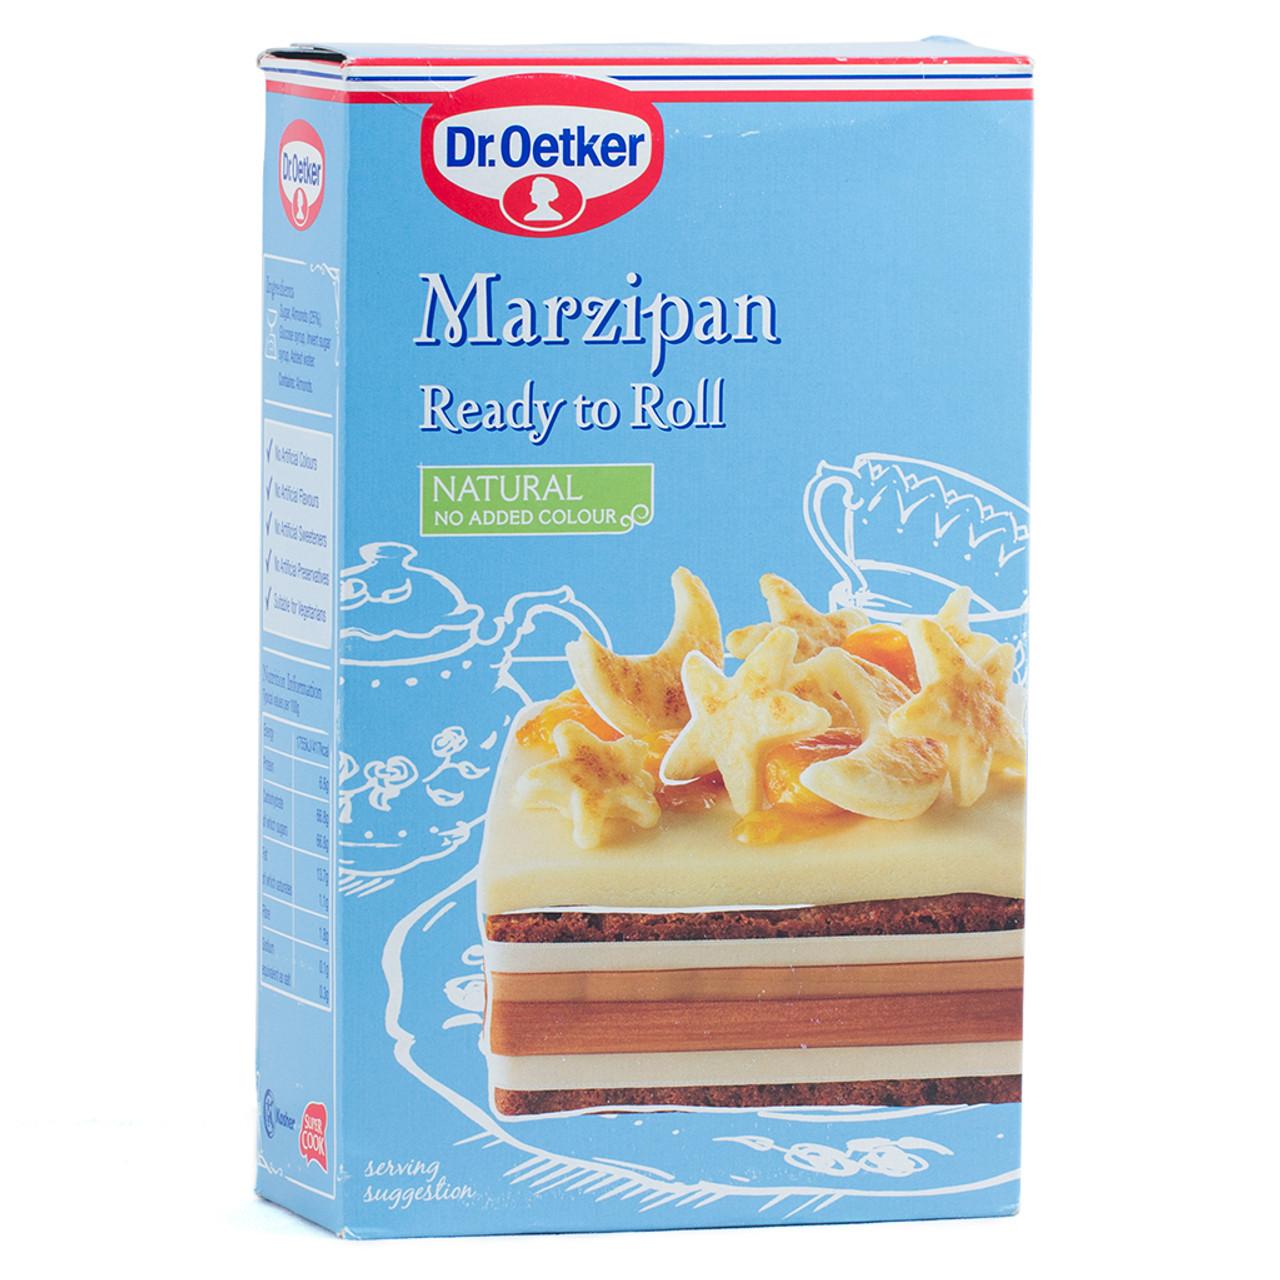 Marzipan - Natural